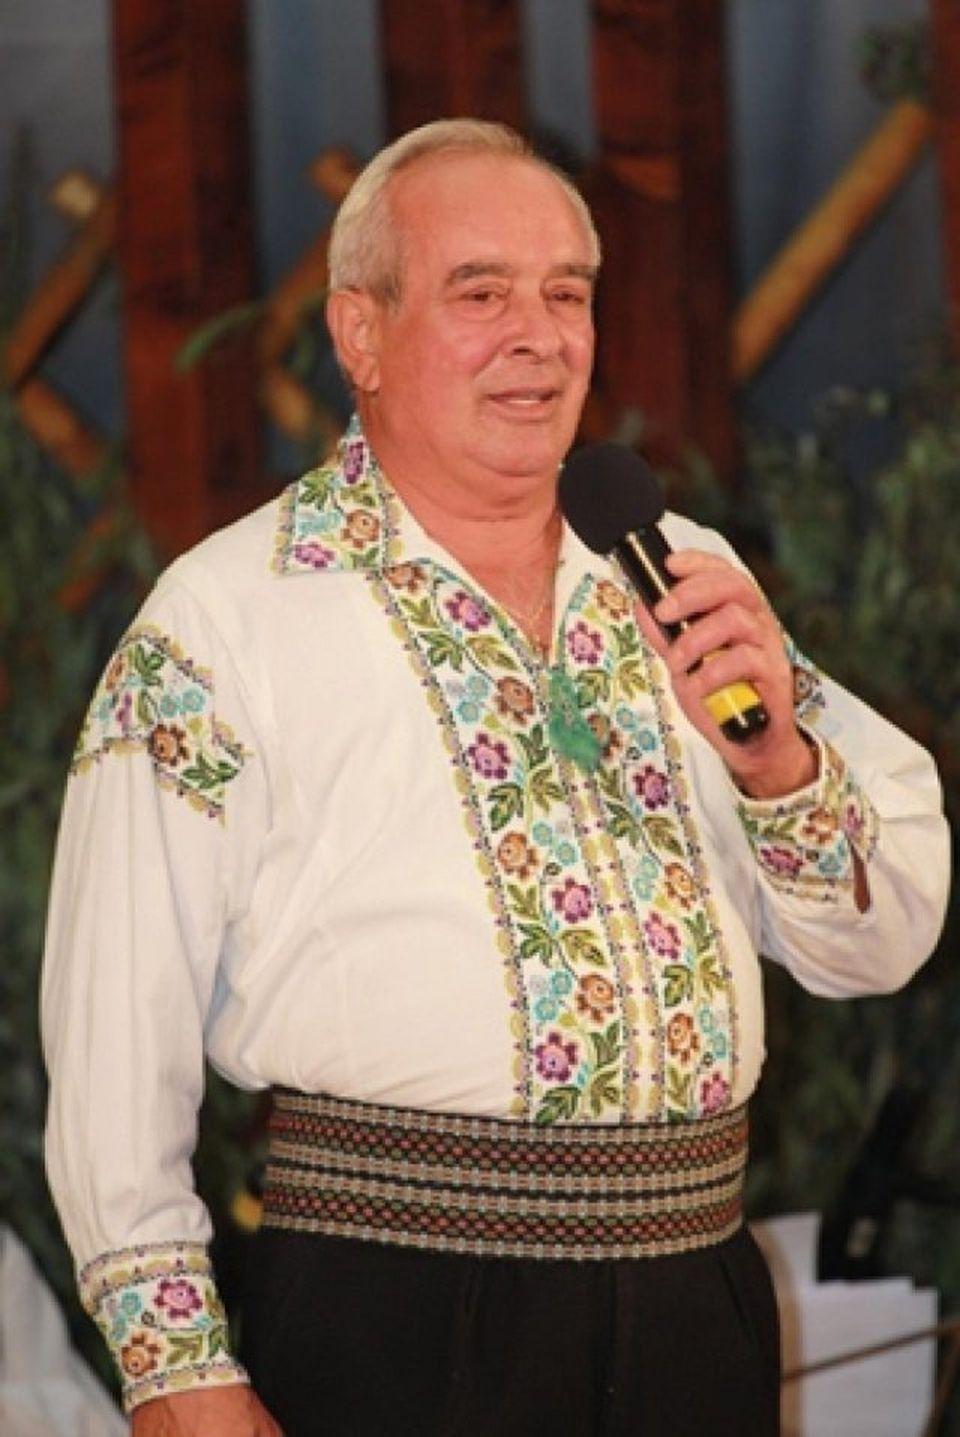 Incredibil, pe cine da vina indragitul artist Nelu Balasoiu ca a ajuns sarac si bolnav!